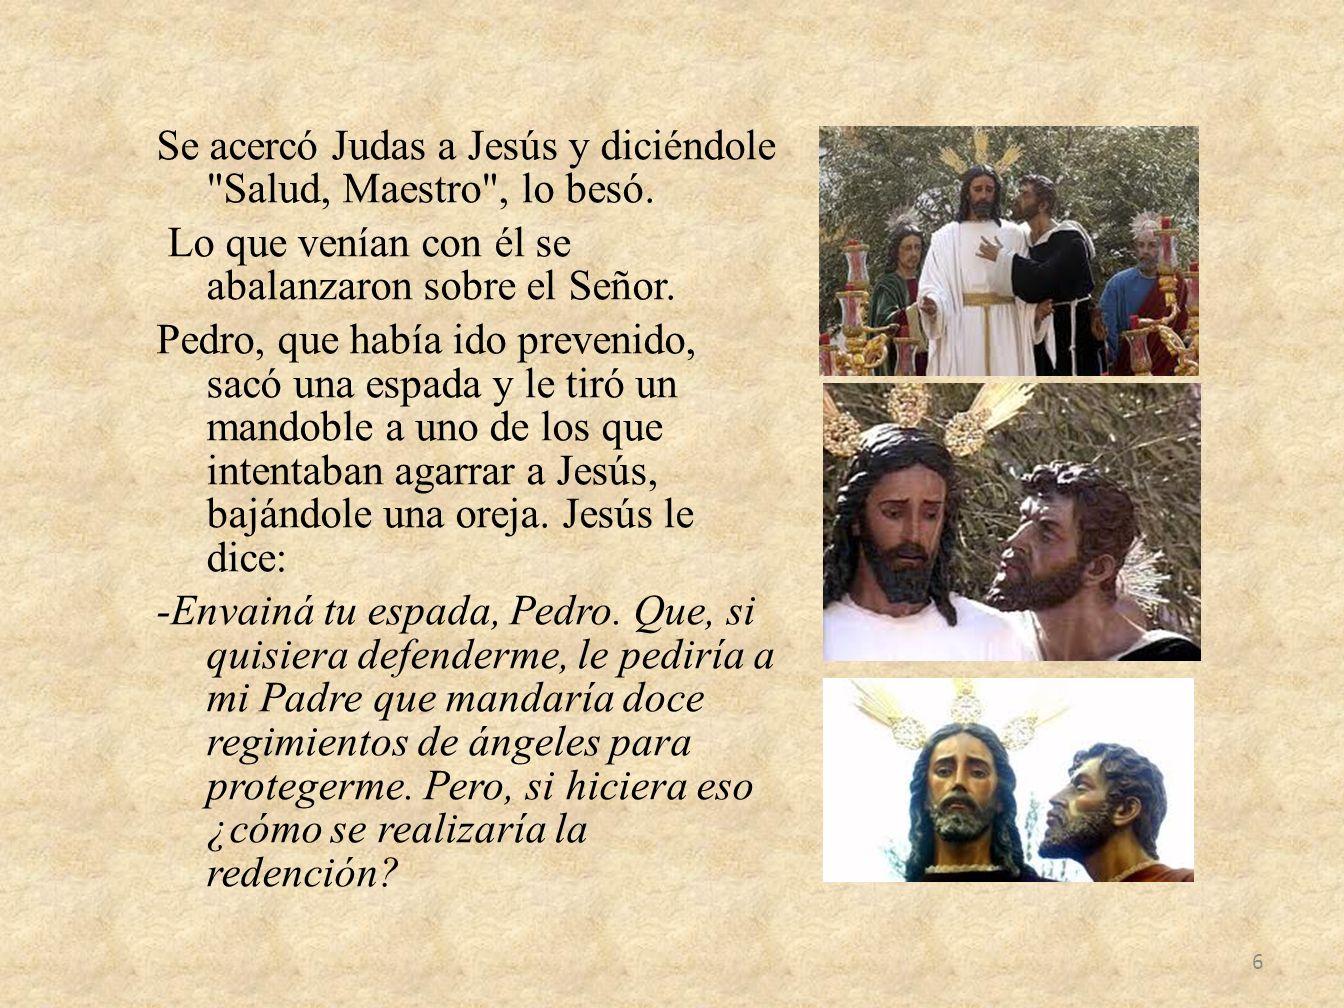 Se acercó Judas a Jesús y diciéndole